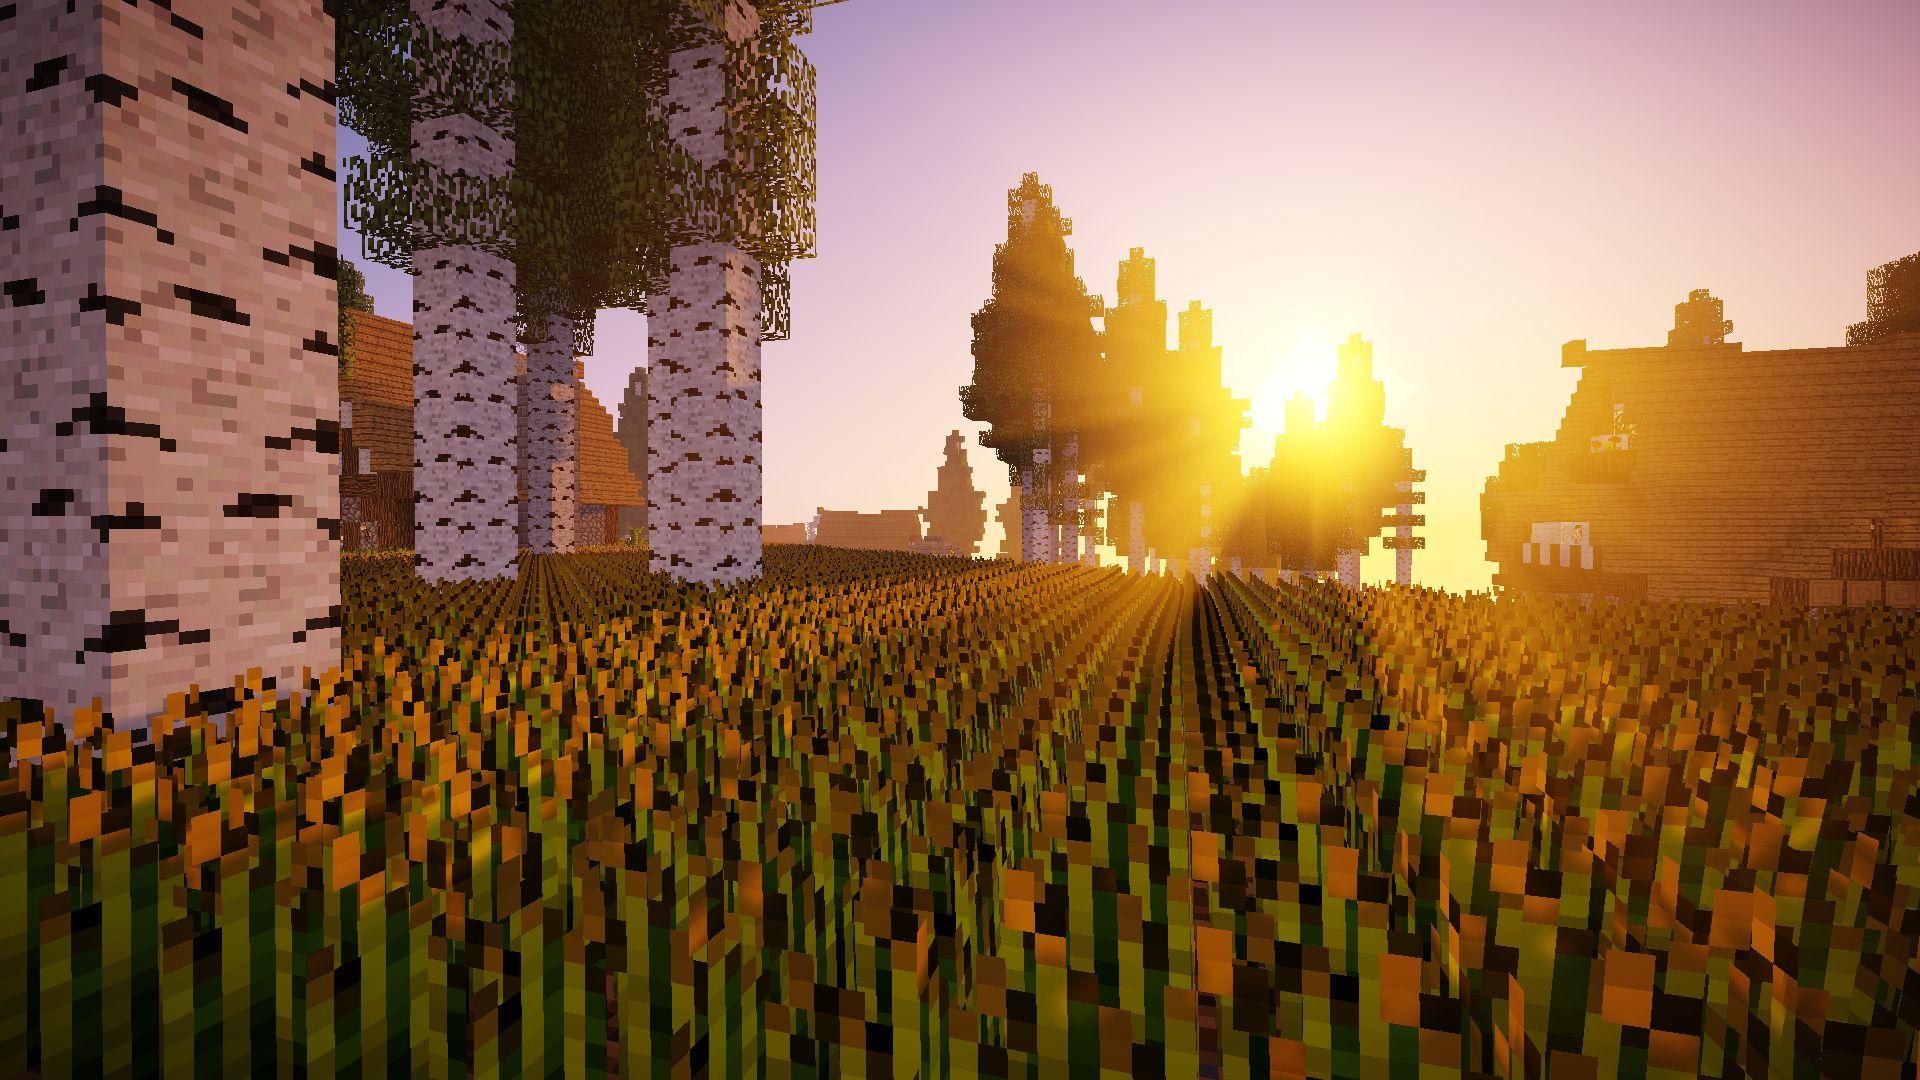 Minecraft Background Shaders